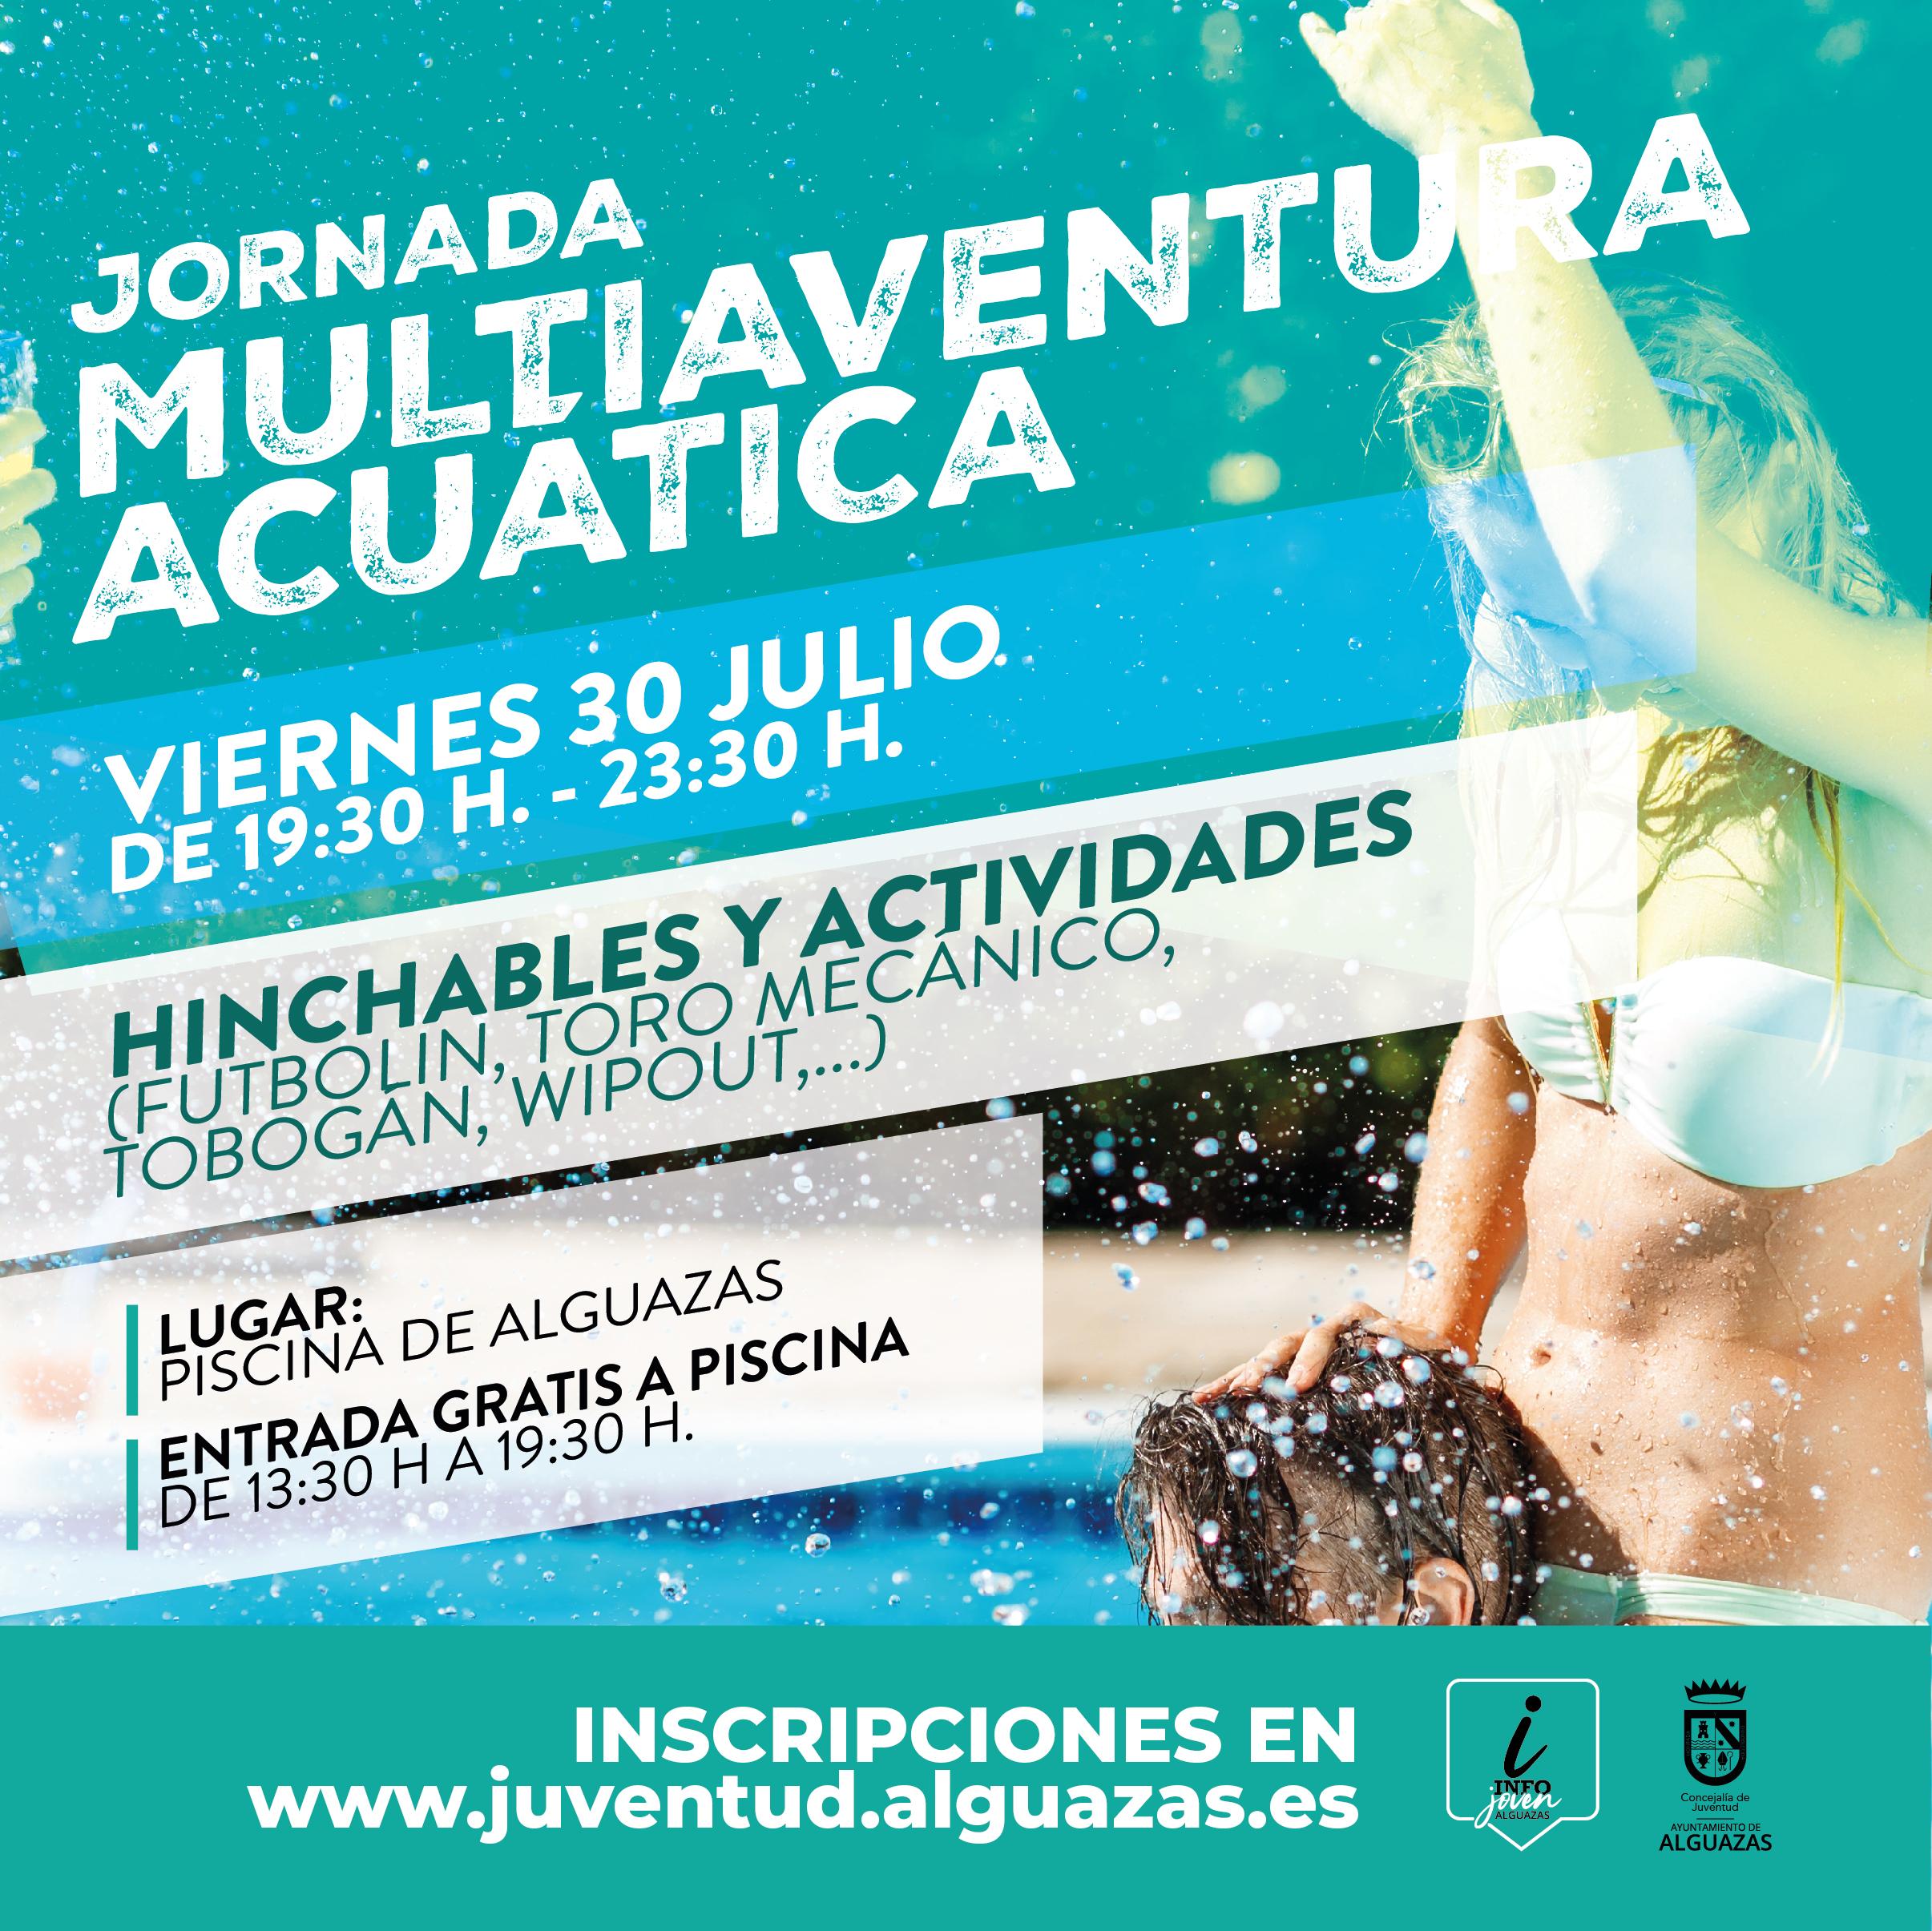 Día Multiaventura Acuático en la piscina de Alguazas (gratis)